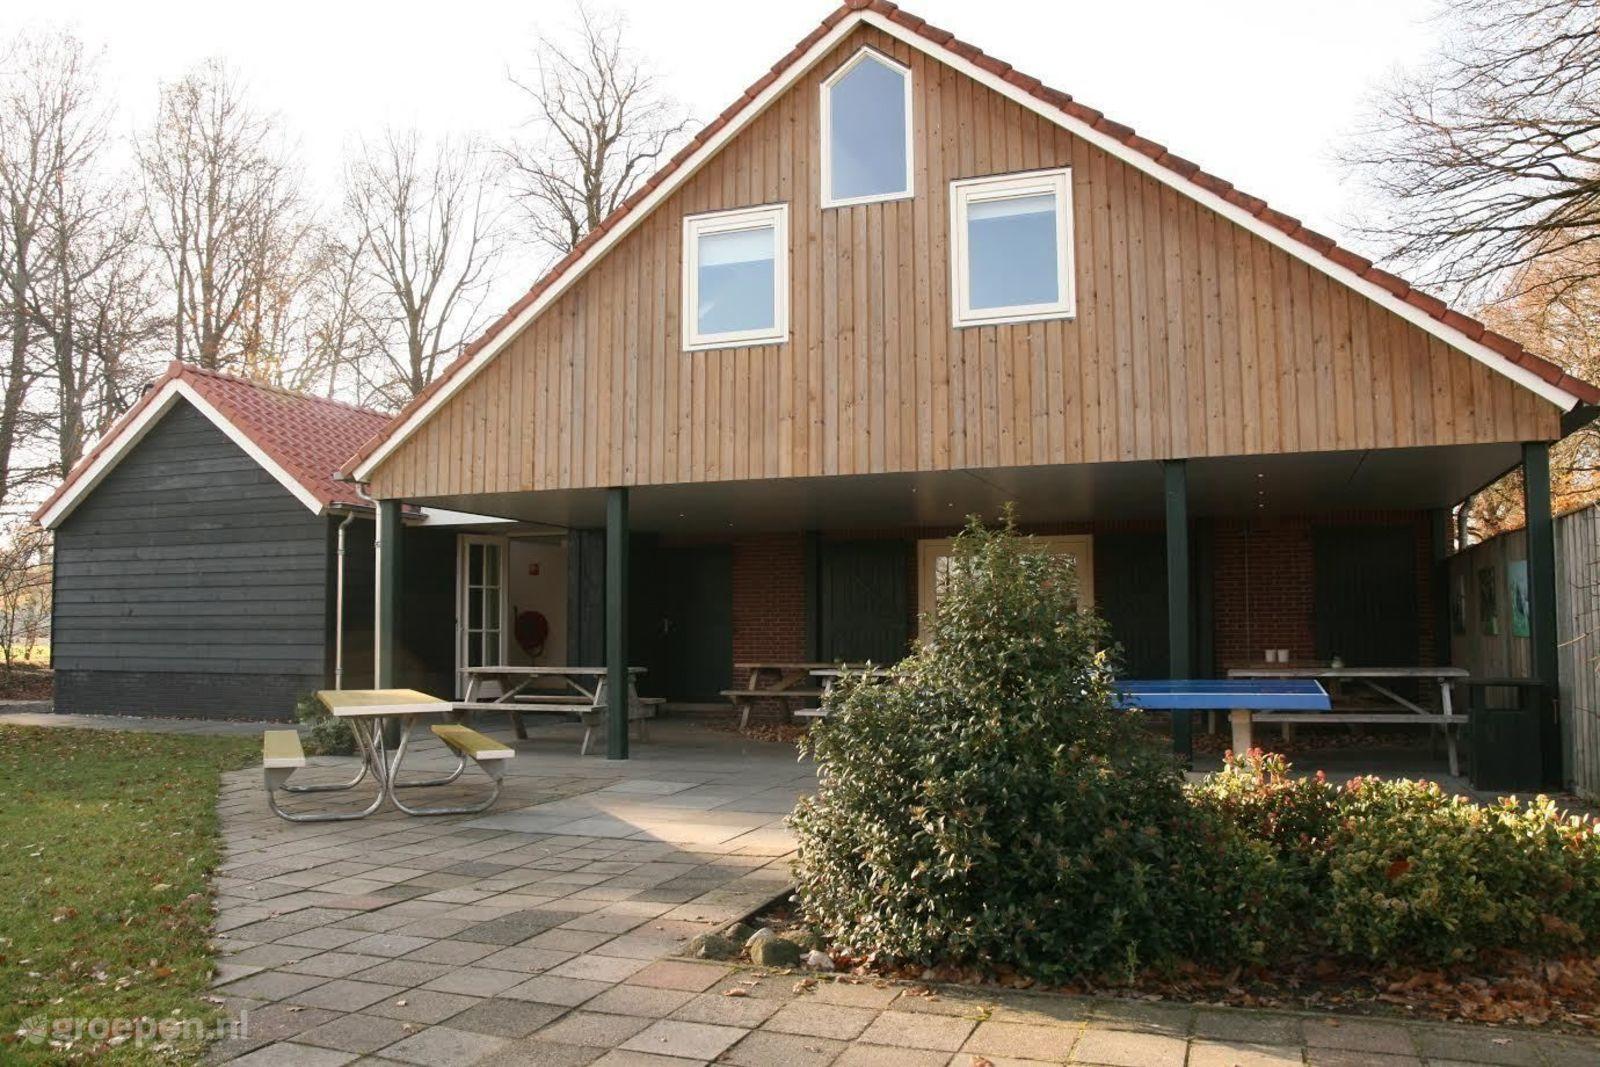 Groepsaccommodatie Hellendoorn